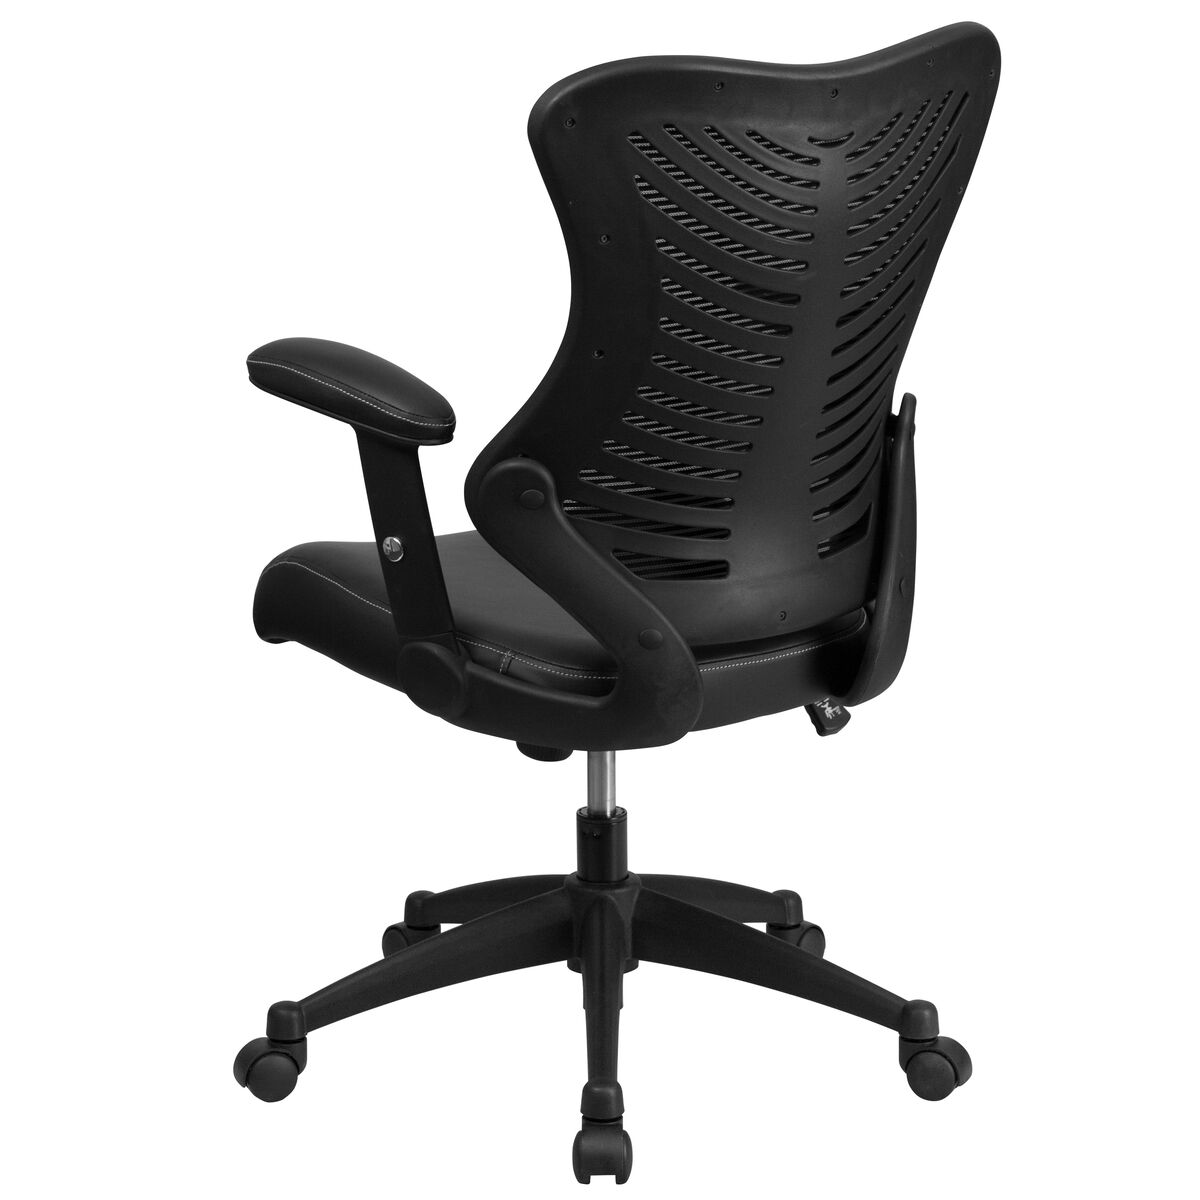 black high back leather chair bl zp 806 bk lea gg. Black Bedroom Furniture Sets. Home Design Ideas